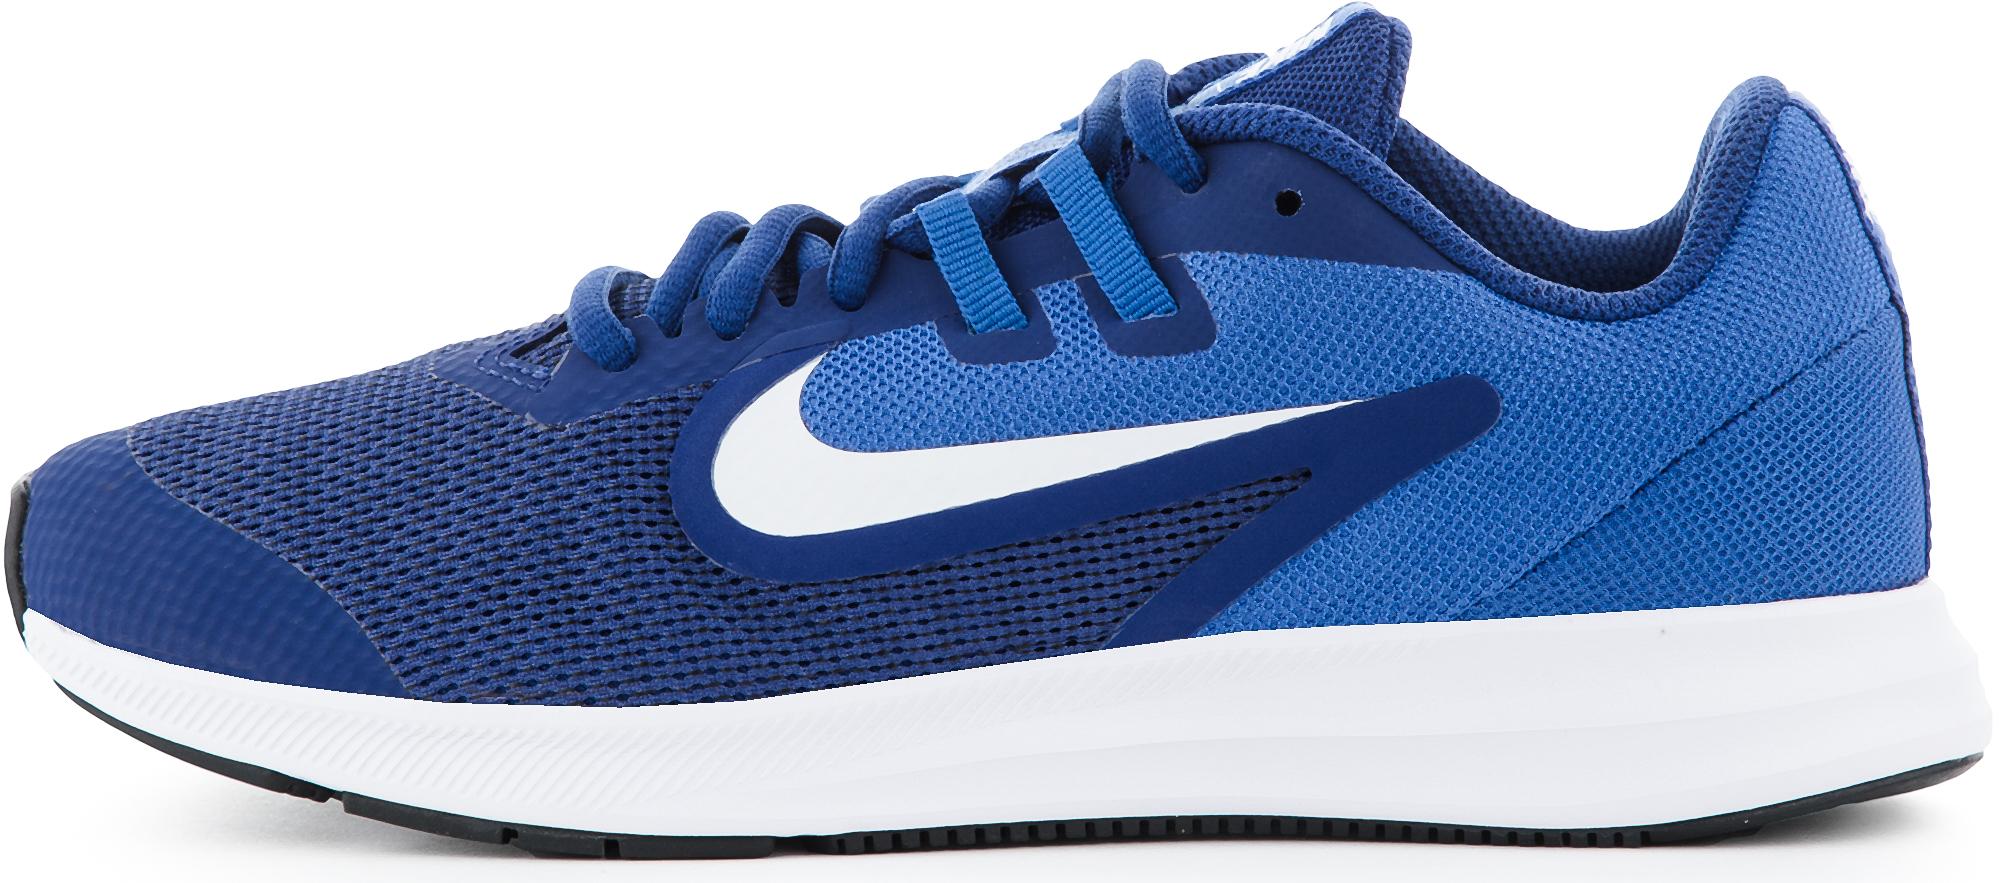 Nike Кроссовки для мальчиков Nike Downshifter 9 (Gs), размер 39 nike кроссовки для мальчиков nike lunar hayward размер 37 5